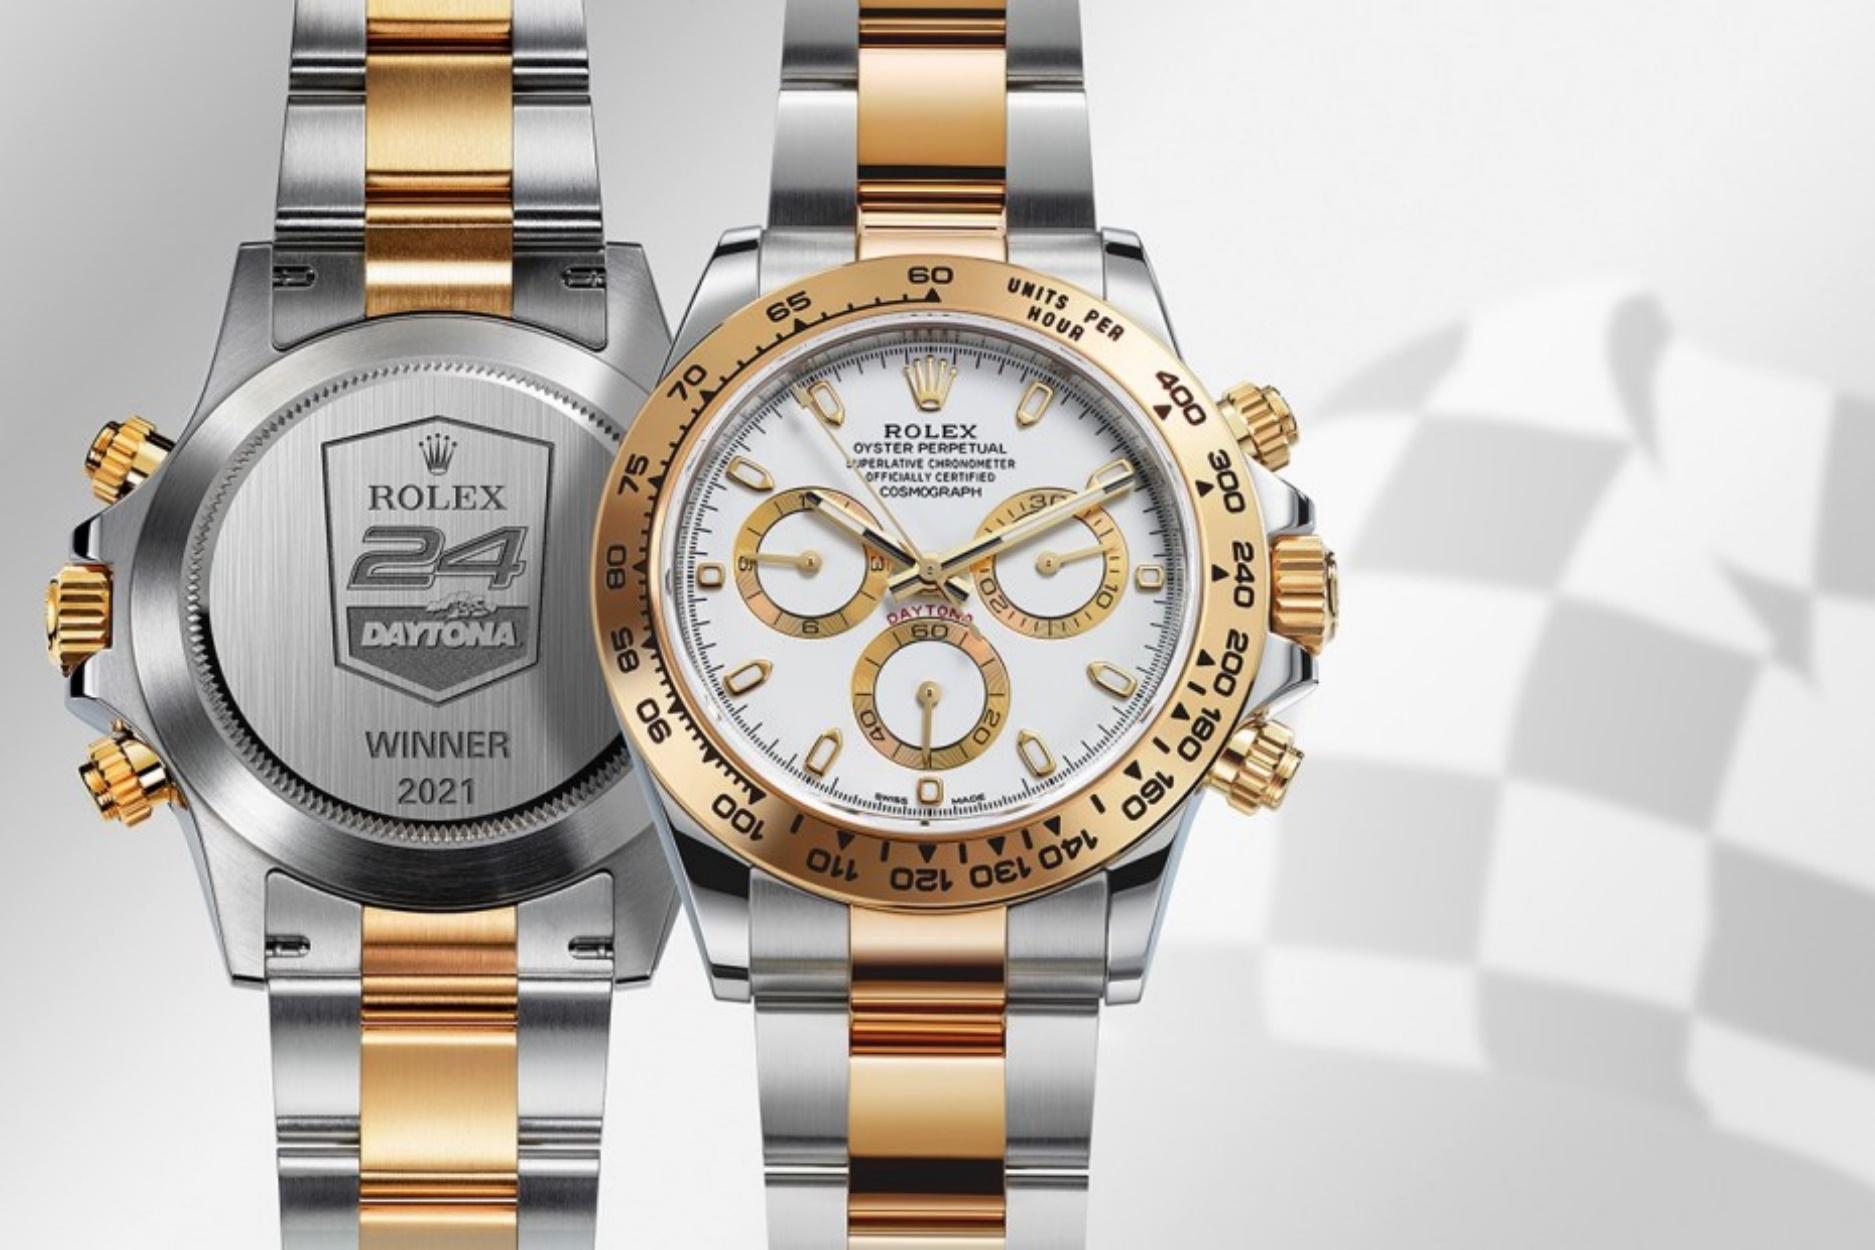 Το καλύτερο μέρος για να αγοράσει ή να πουλήσει κανείς ένα πολυτελές ρολόι